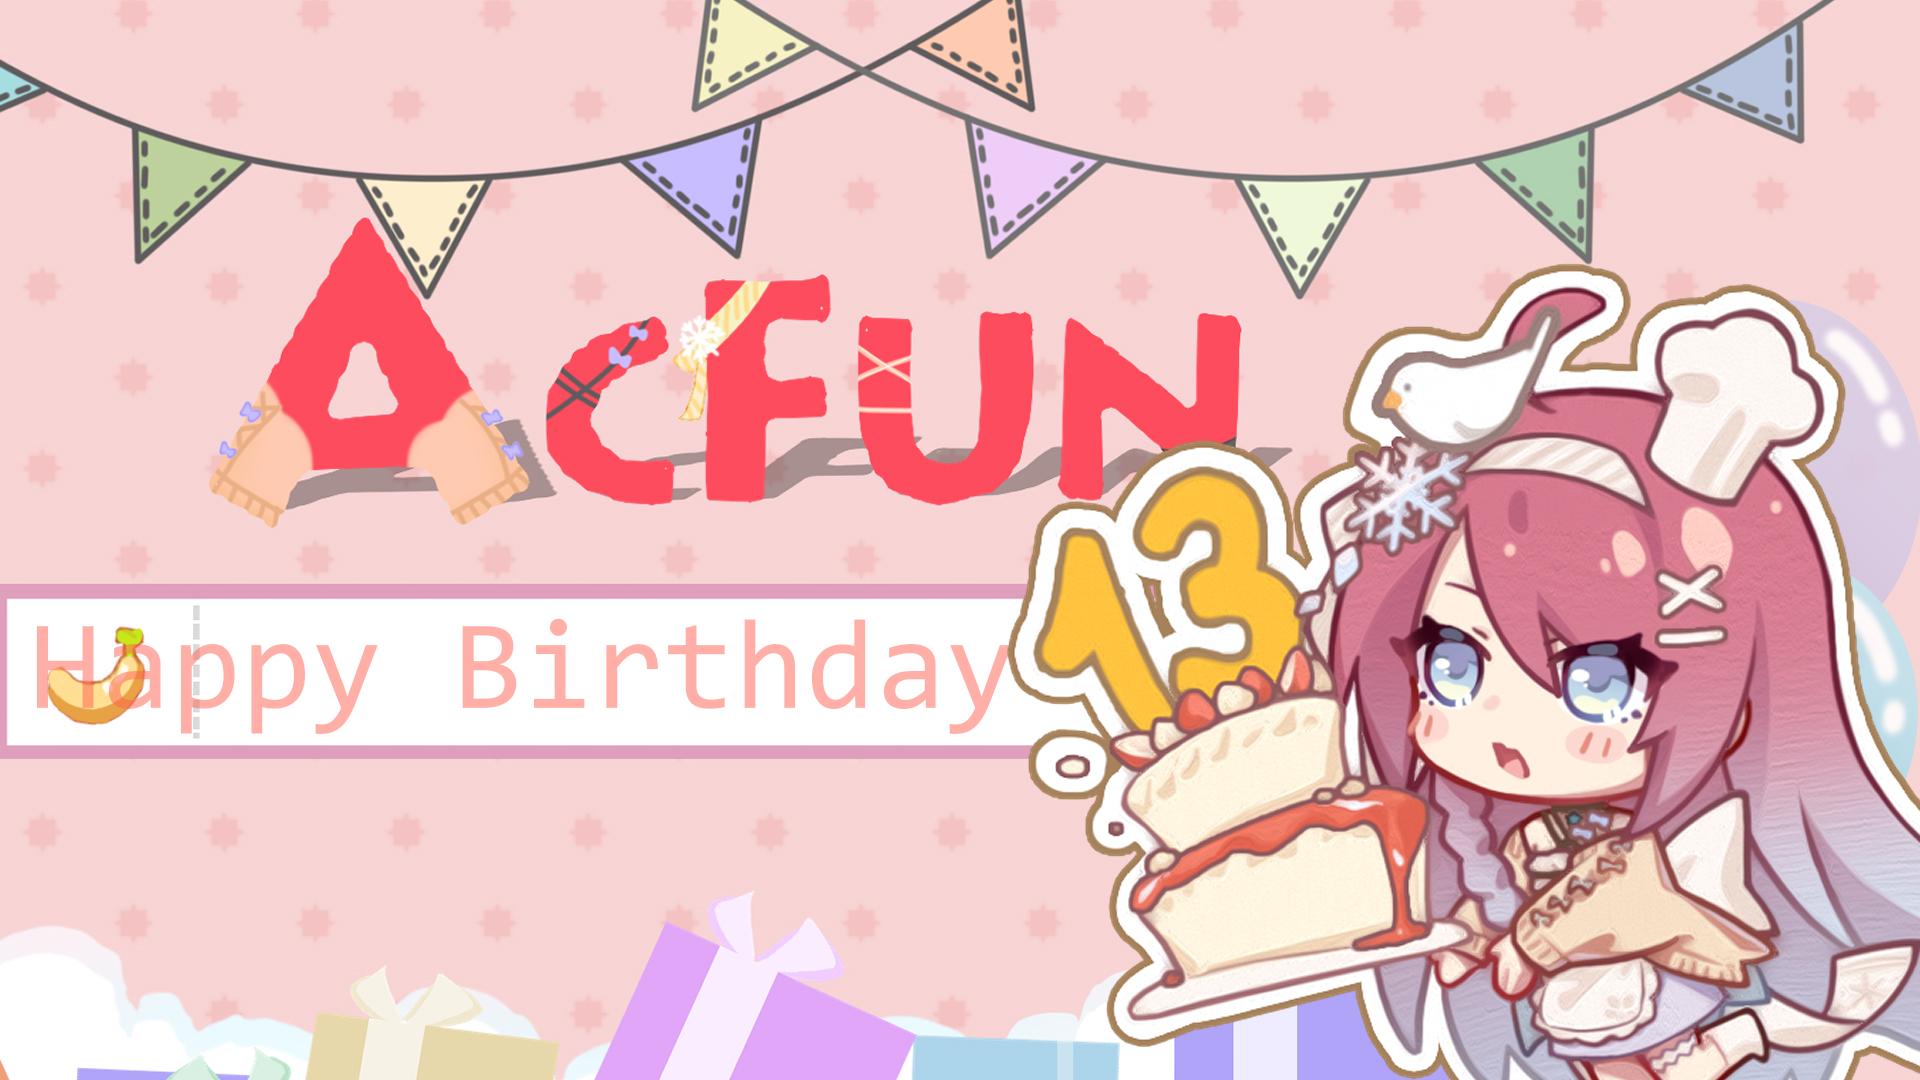 【出道616】ACFUN-Birthday song-【听到最后能发现颜音自己合唱】十三岁生日祝福哒